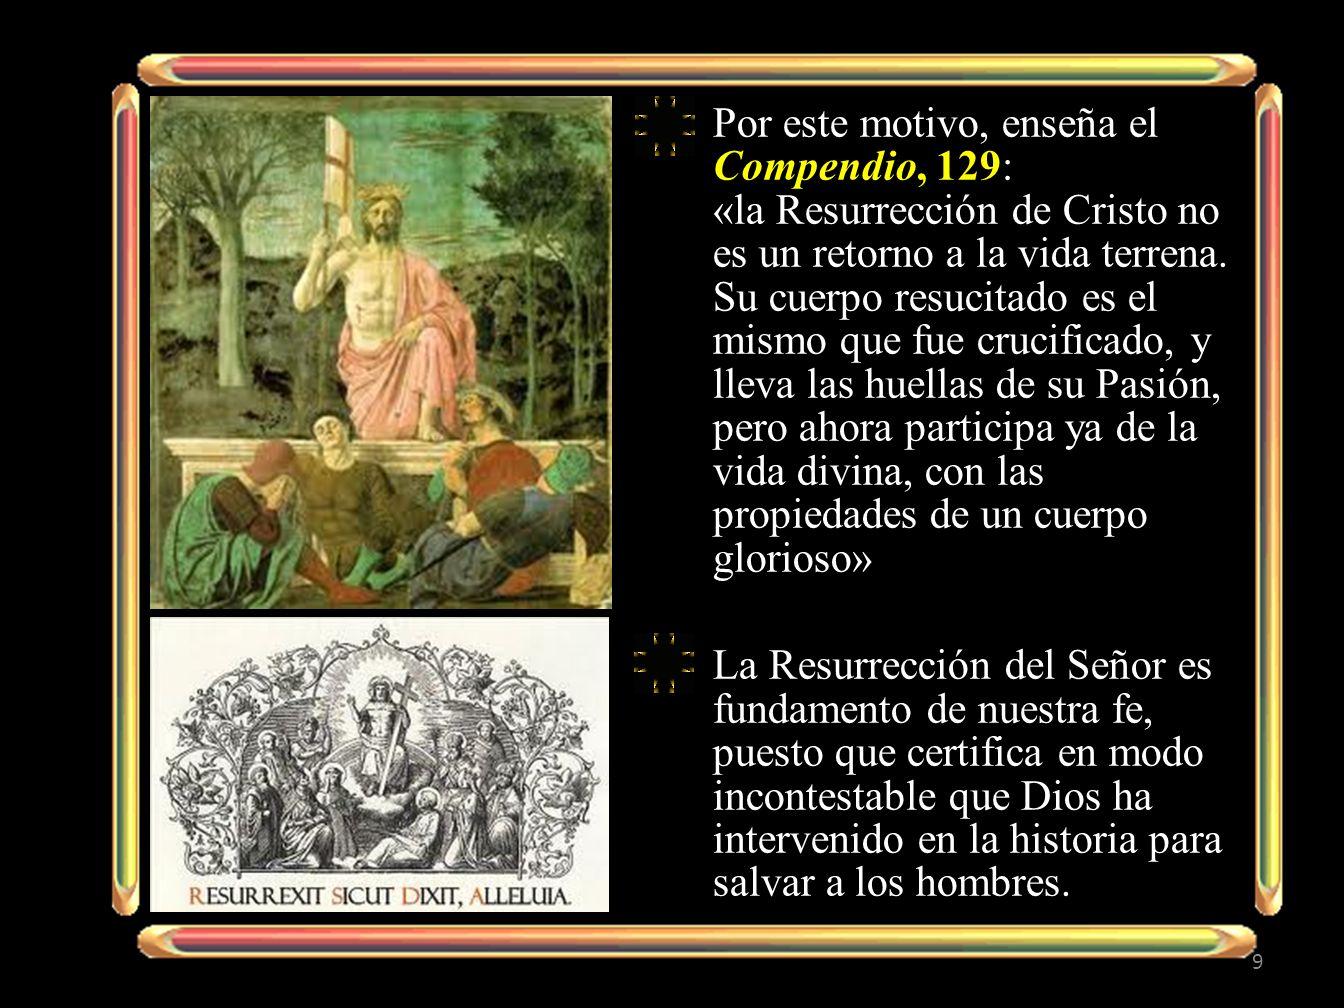 Por este motivo, enseña el Compendio, 129: «la Resurrección de Cristo no es un retorno a la vida terrena. Su cuerpo resucitado es el mismo que fue crucificado, y lleva las huellas de su Pasión, pero ahora participa ya de la vida divina, con las propiedades de un cuerpo glorioso»